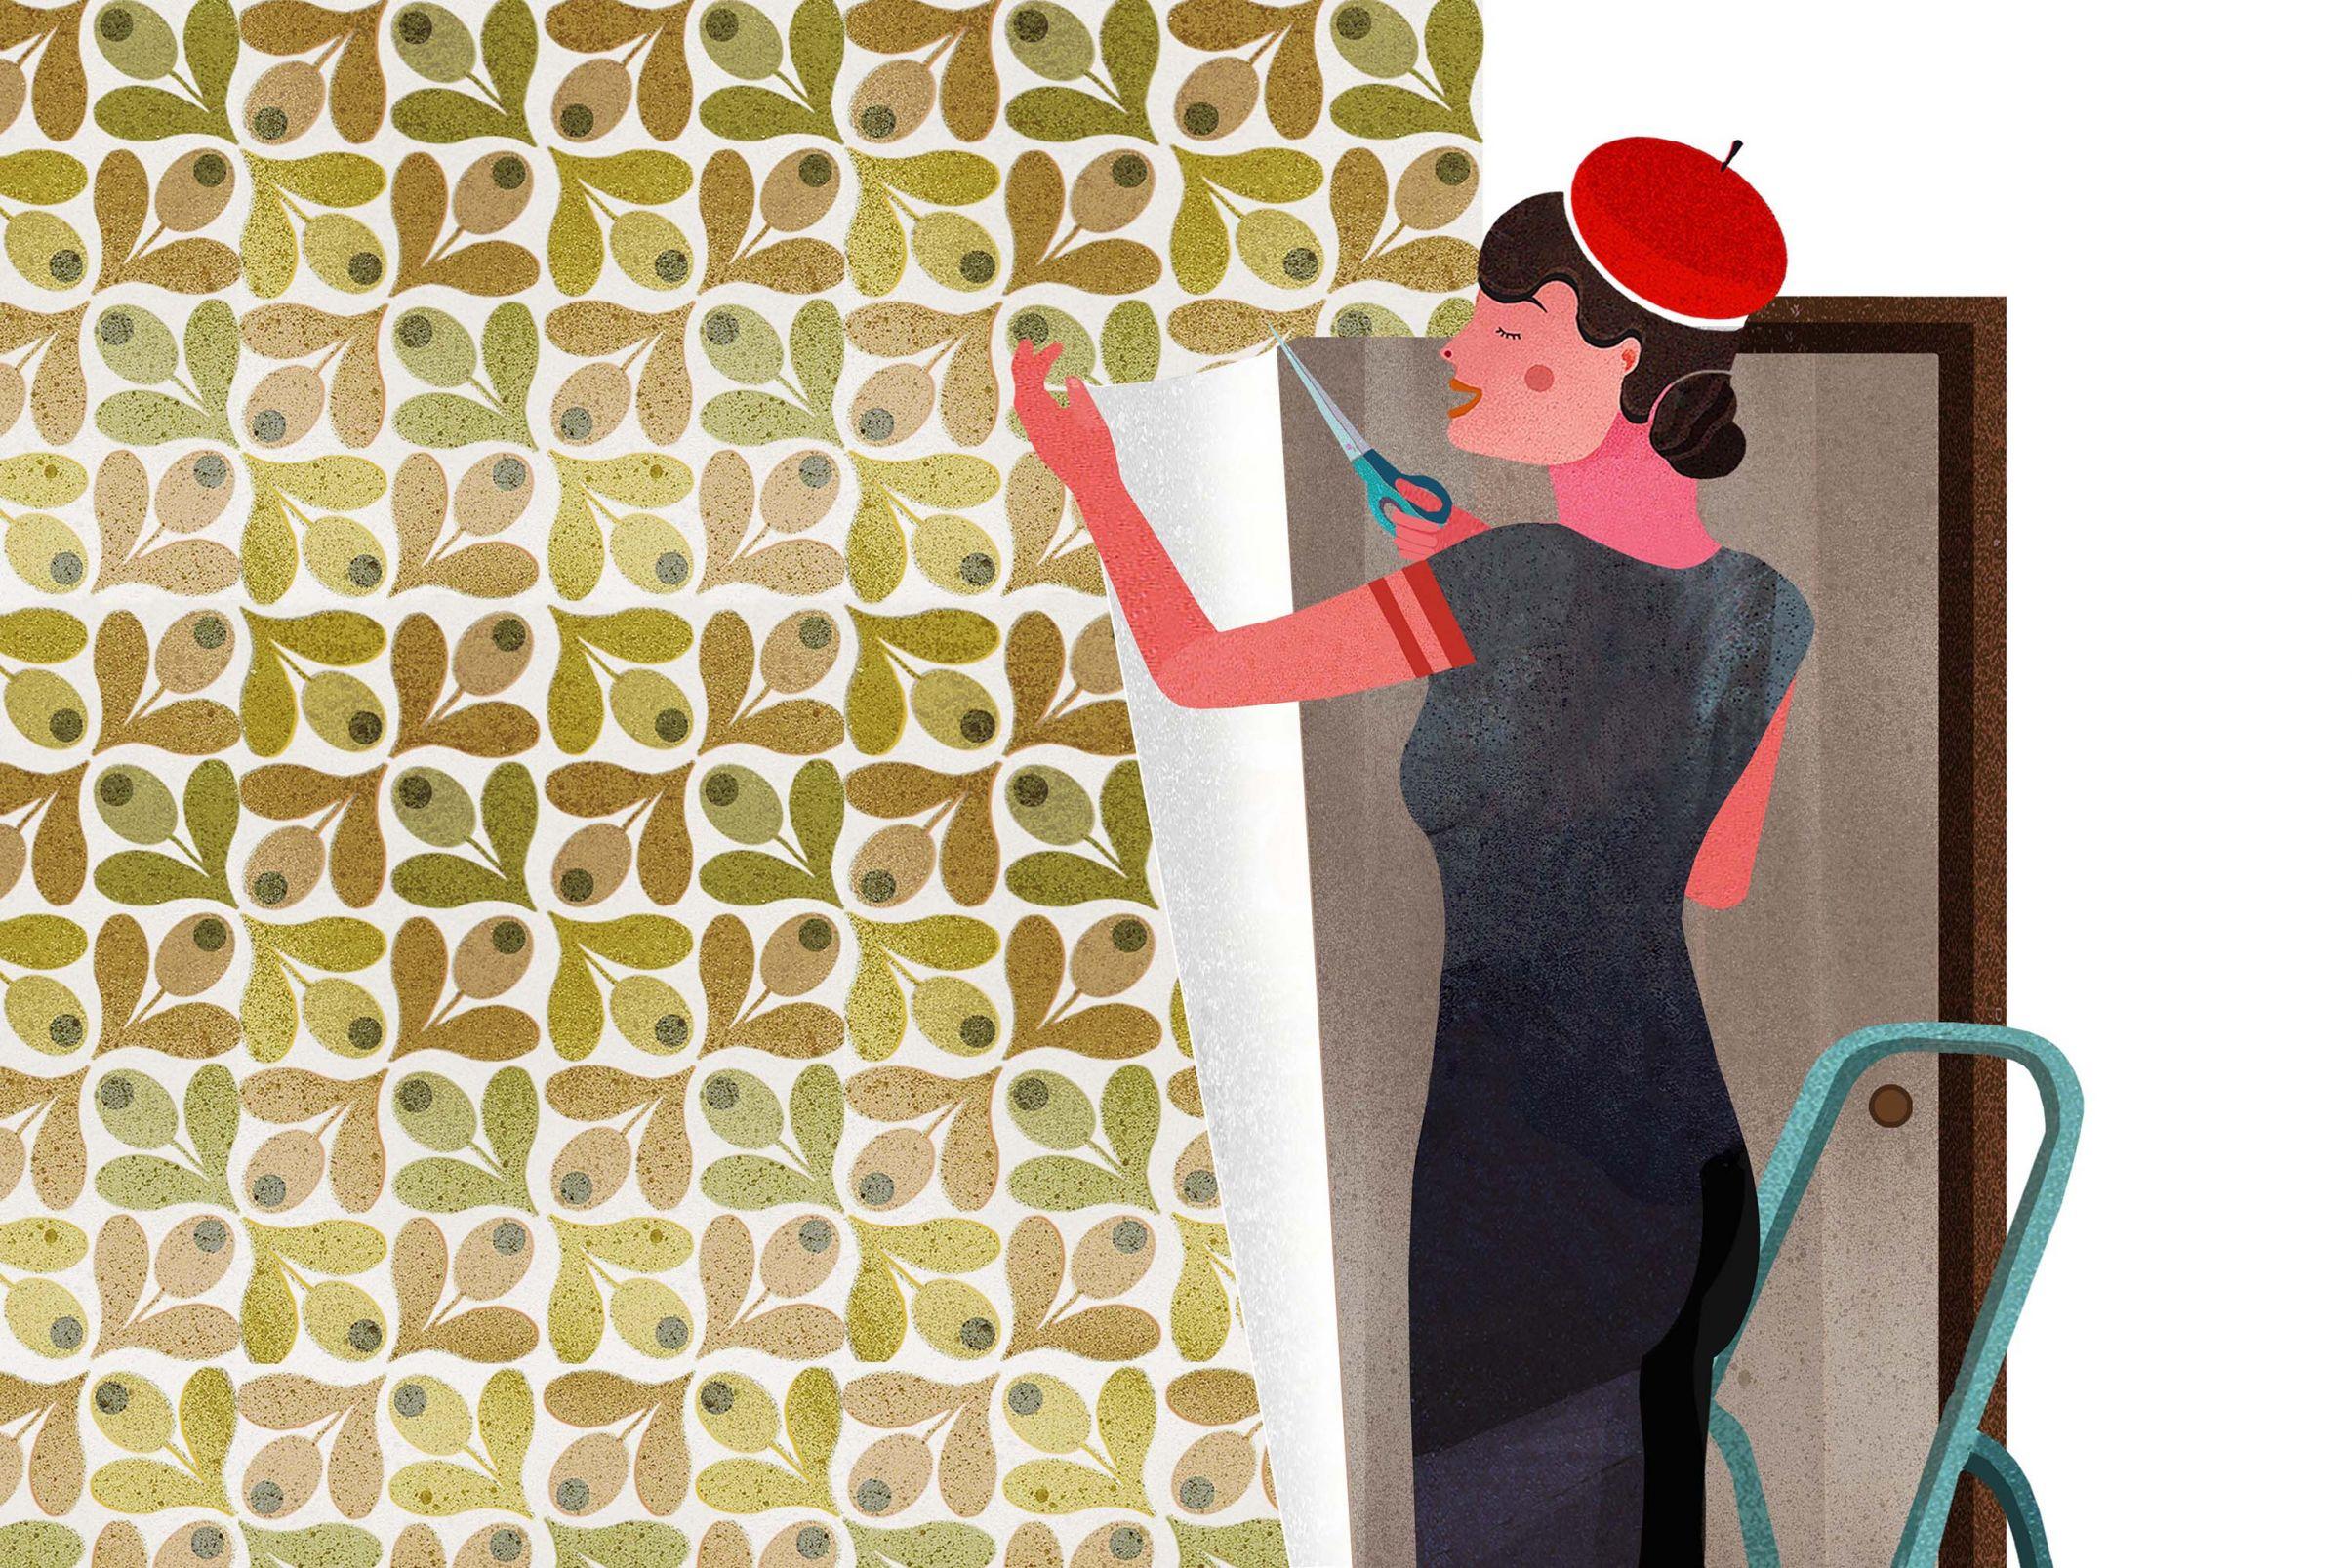 Como-aplicar-papel-de-parede-ao-redor-de-janelas-e-portas-Aplicar-papel-de-parede-ao-redor-da-porta-com-uma-sobra-e-colocar-os-cortes-corretos-nos-cantos